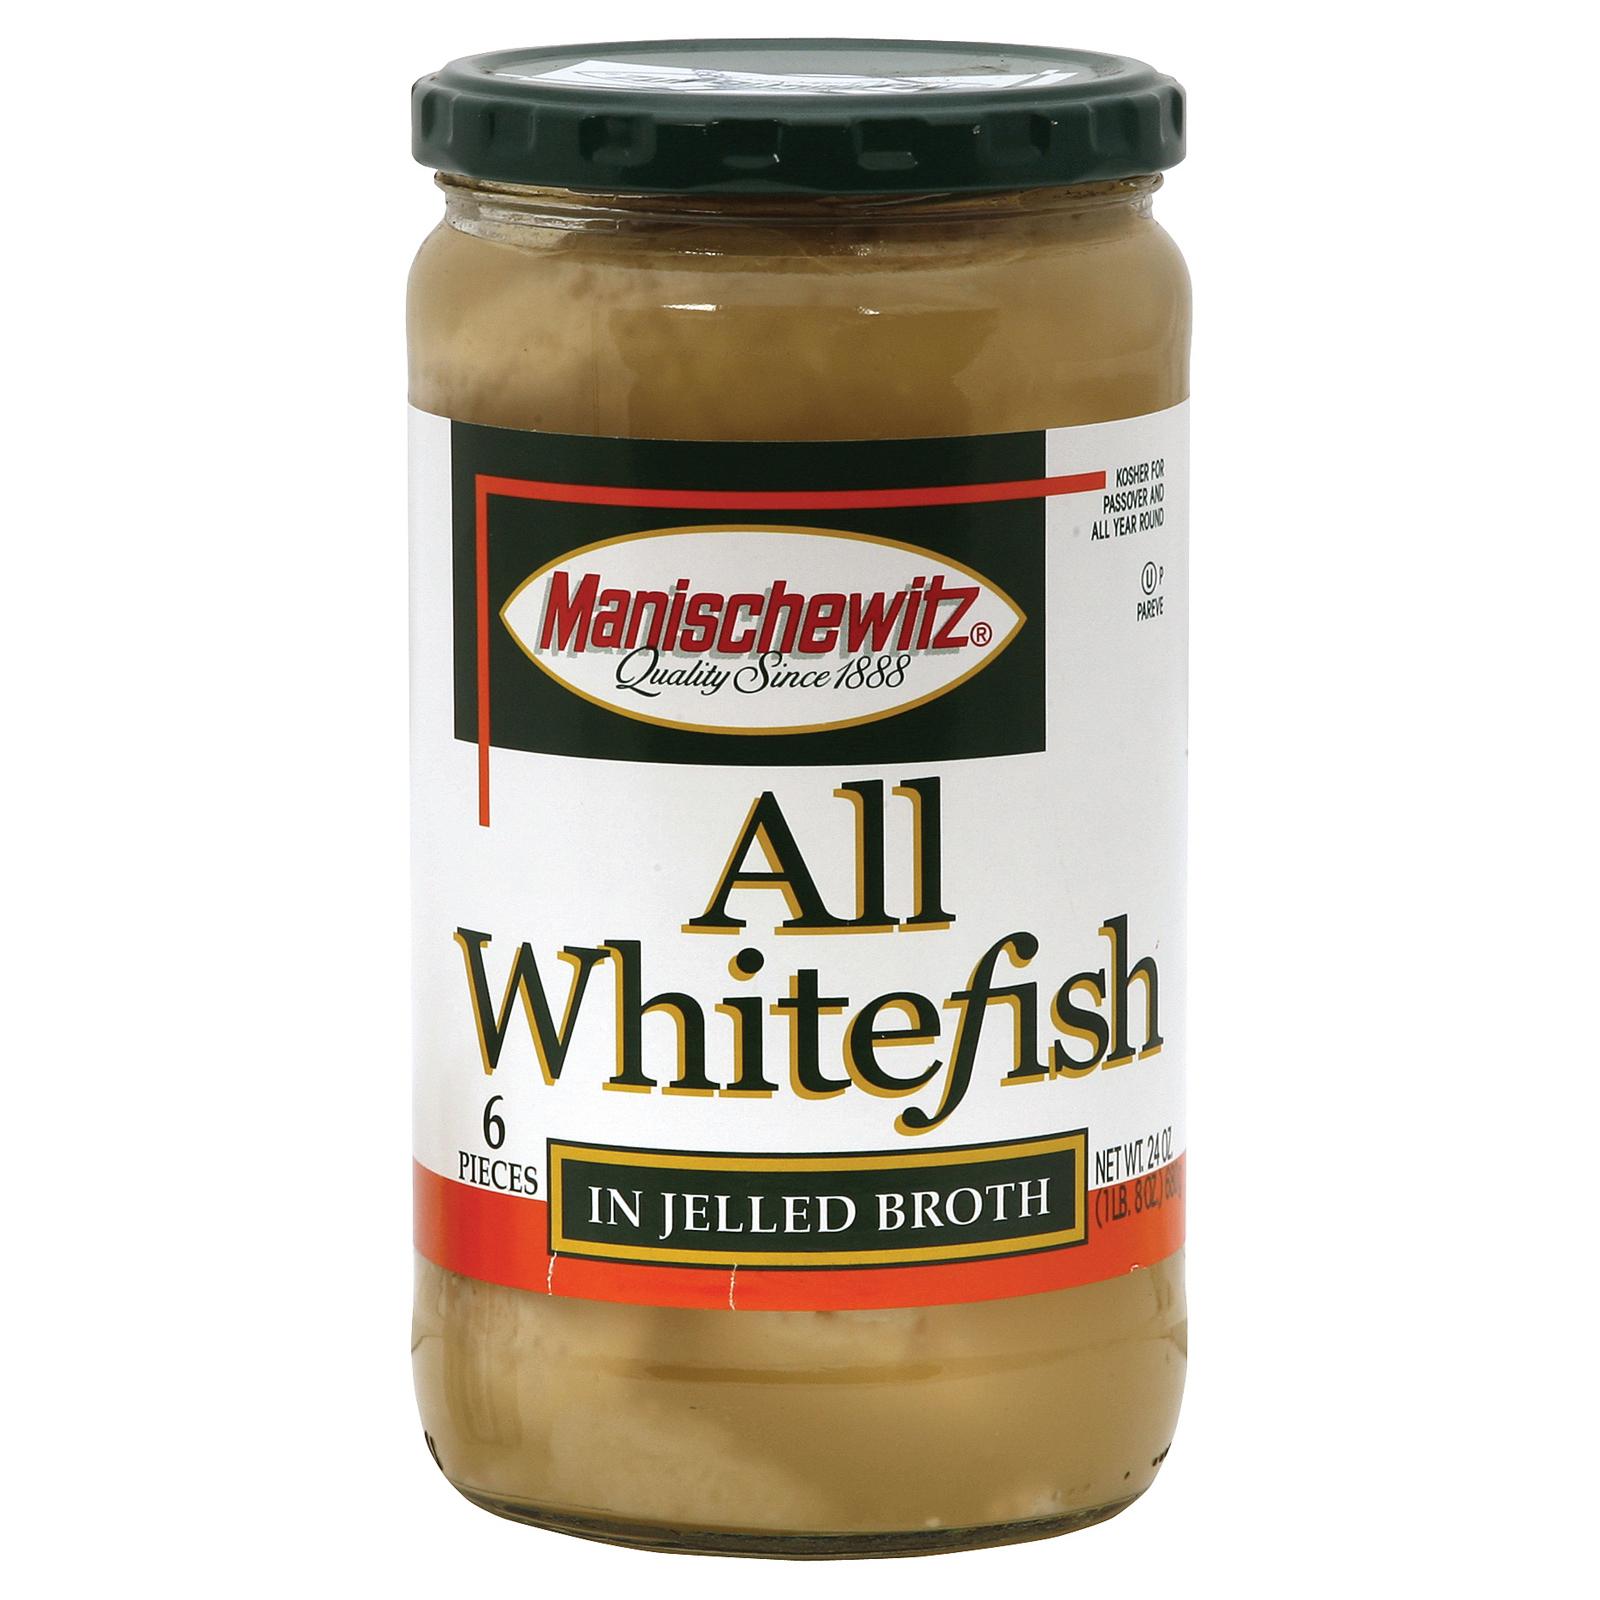 Manischewitz All Whitefish In Jelled Broth - Case of 12 - 24 oz.